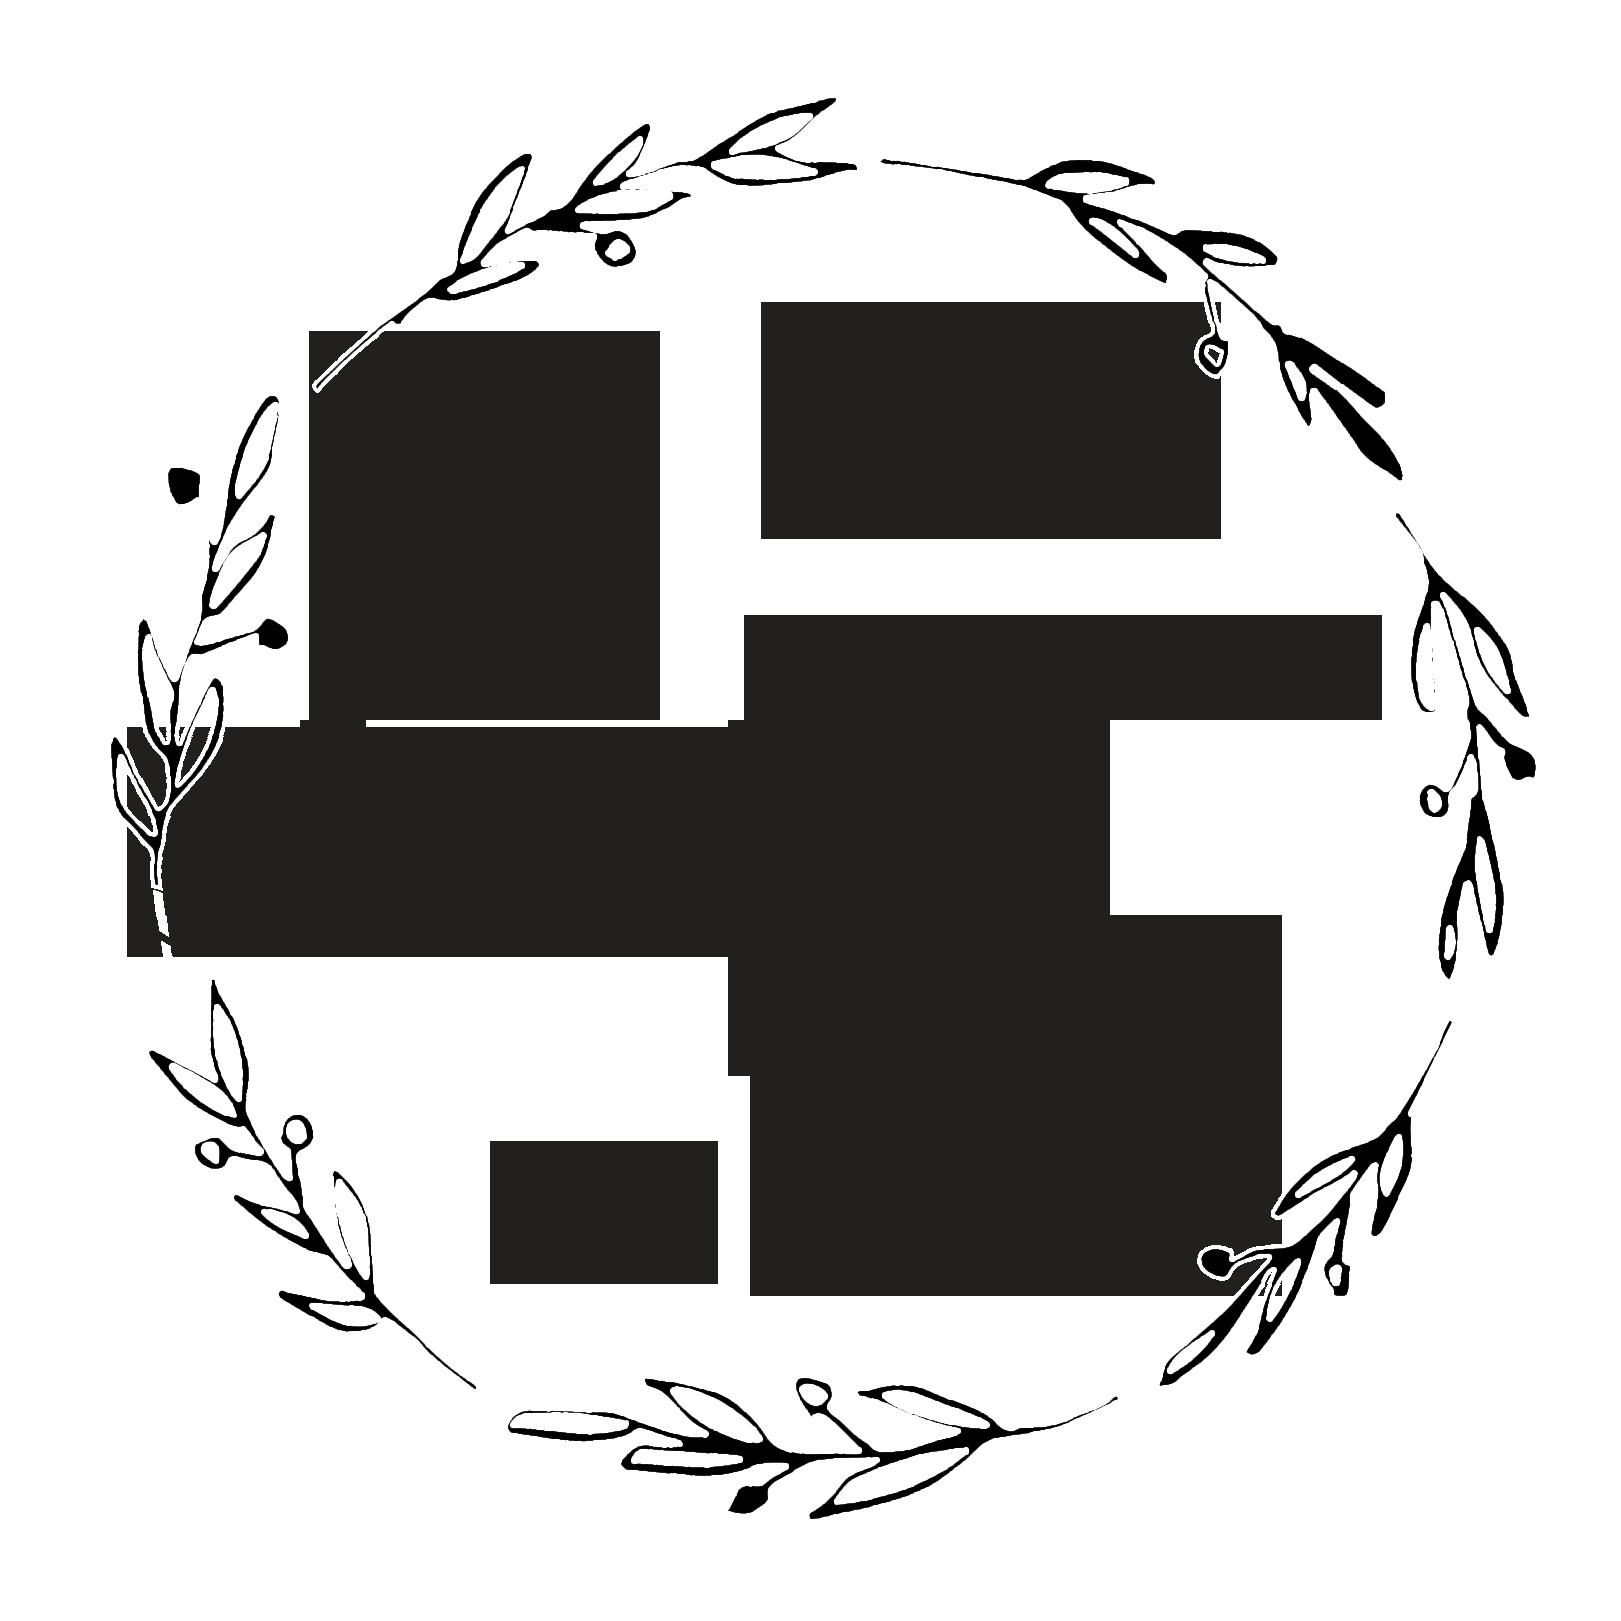 Meagangainesphotographyv3